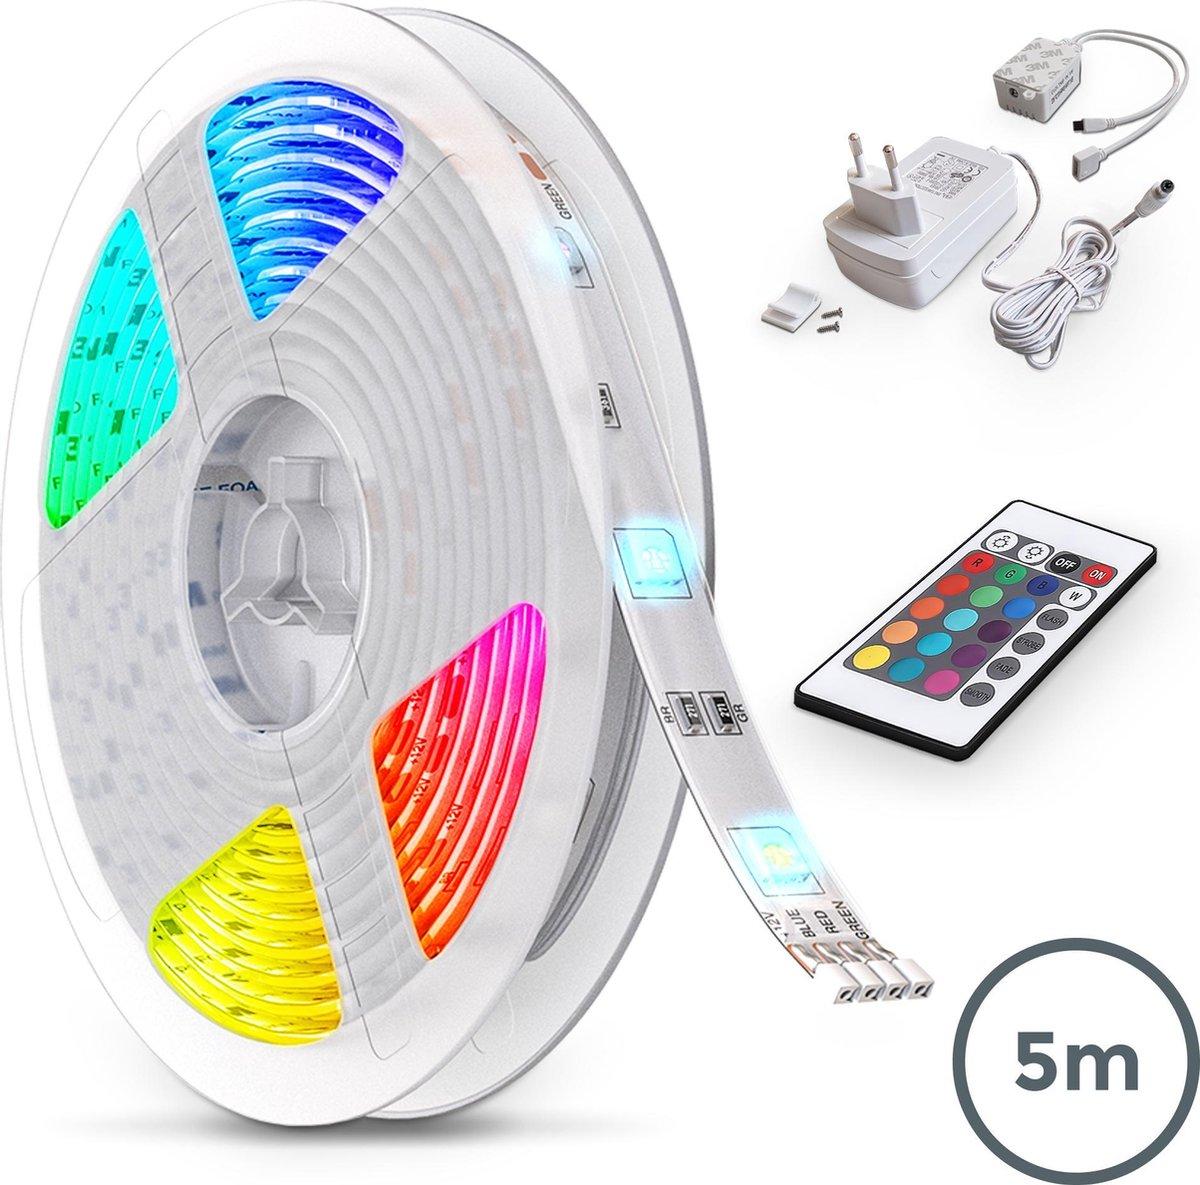 B.K.Licht - 5 meter LED lightstrip met afstandsbediening - dimbaar - Wit en gekleurd licht - zelfklevend